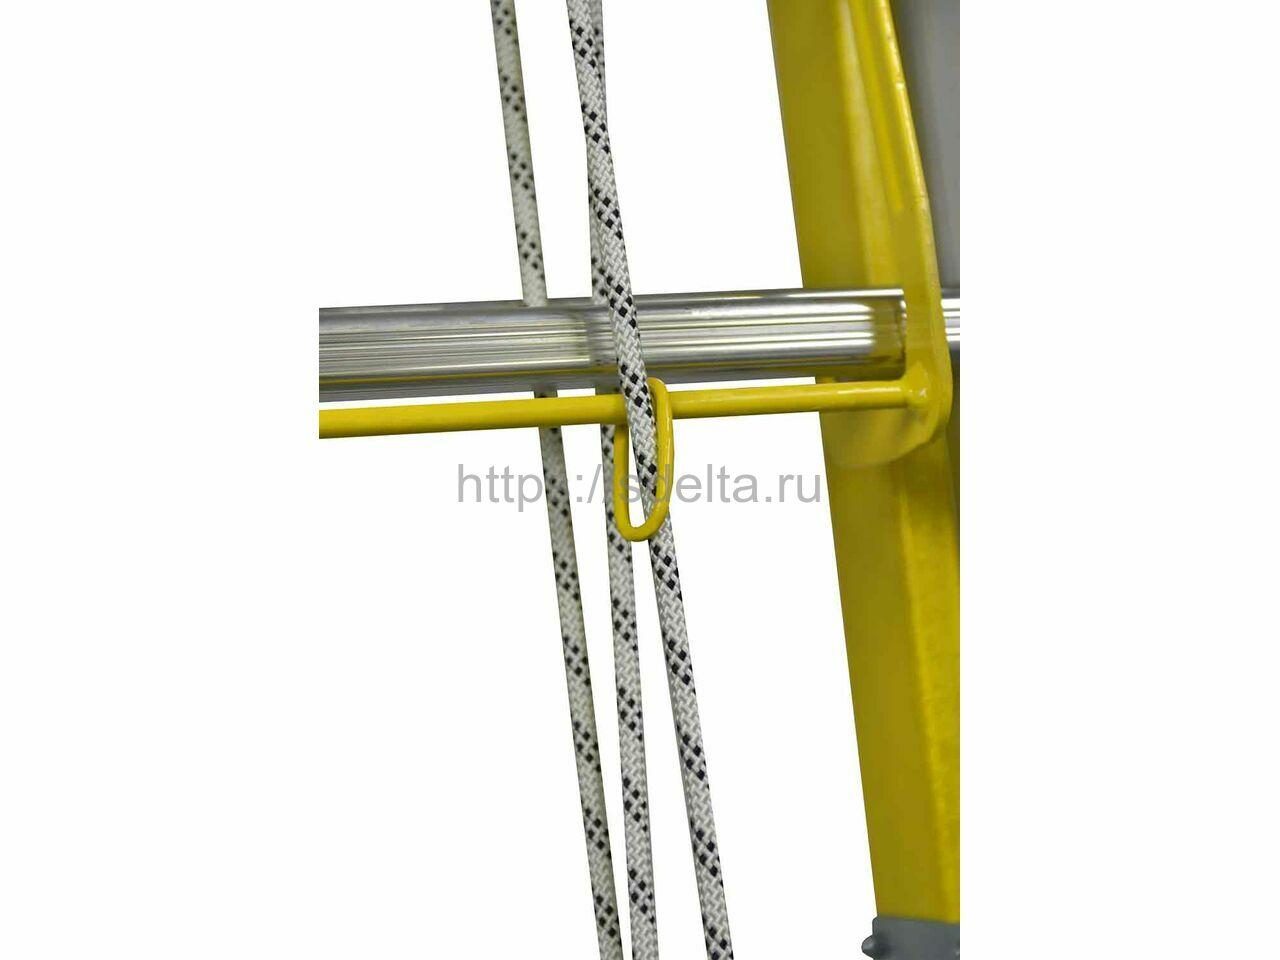 Диэлектрическая лестница C3 MIX 3х10 с тросом Centaure Франция